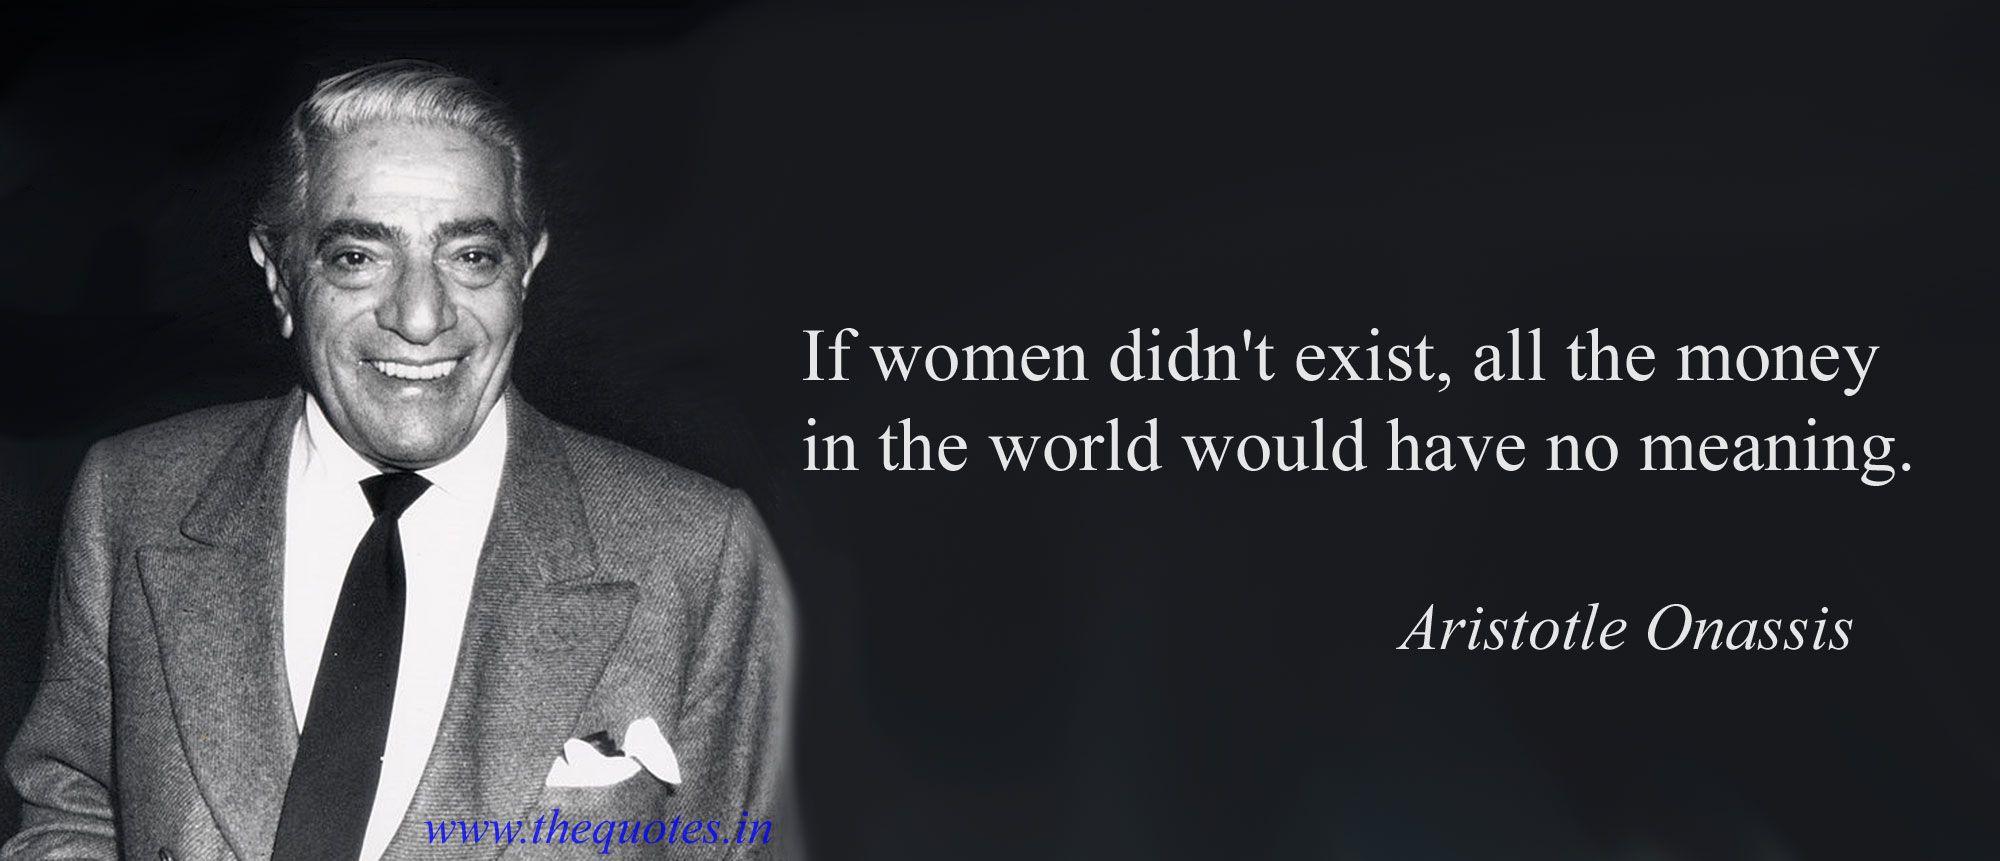 Aristotle Onassis Aristotle onassis, Powerful women